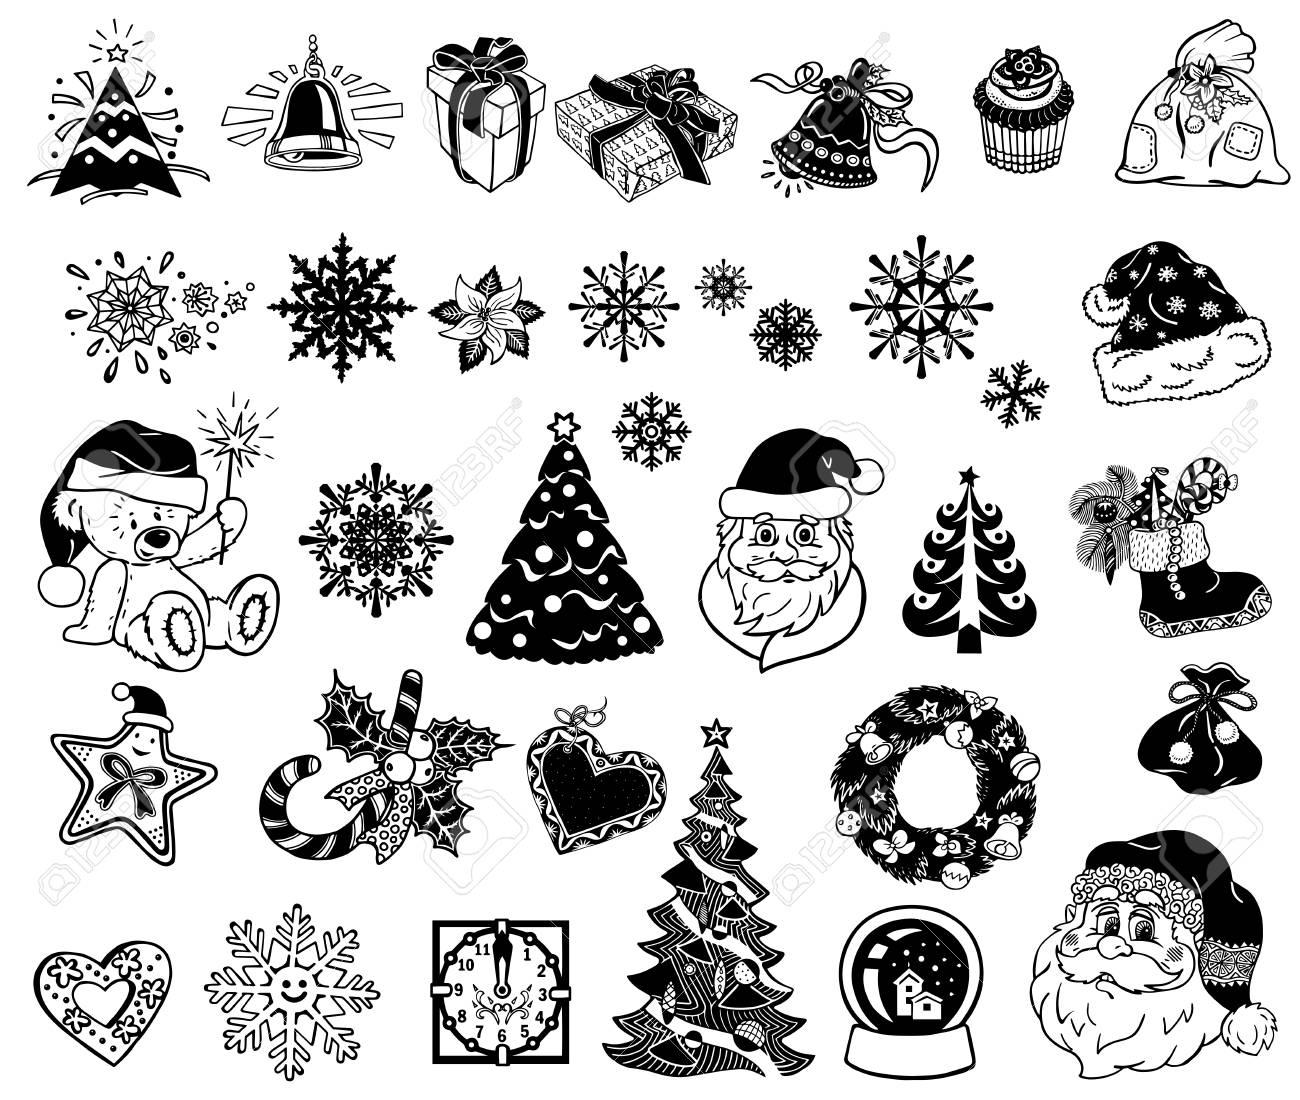 Vector Weihnachten Silhouetten Für Dekor Oder Aufkleber Lizenzfrei ...